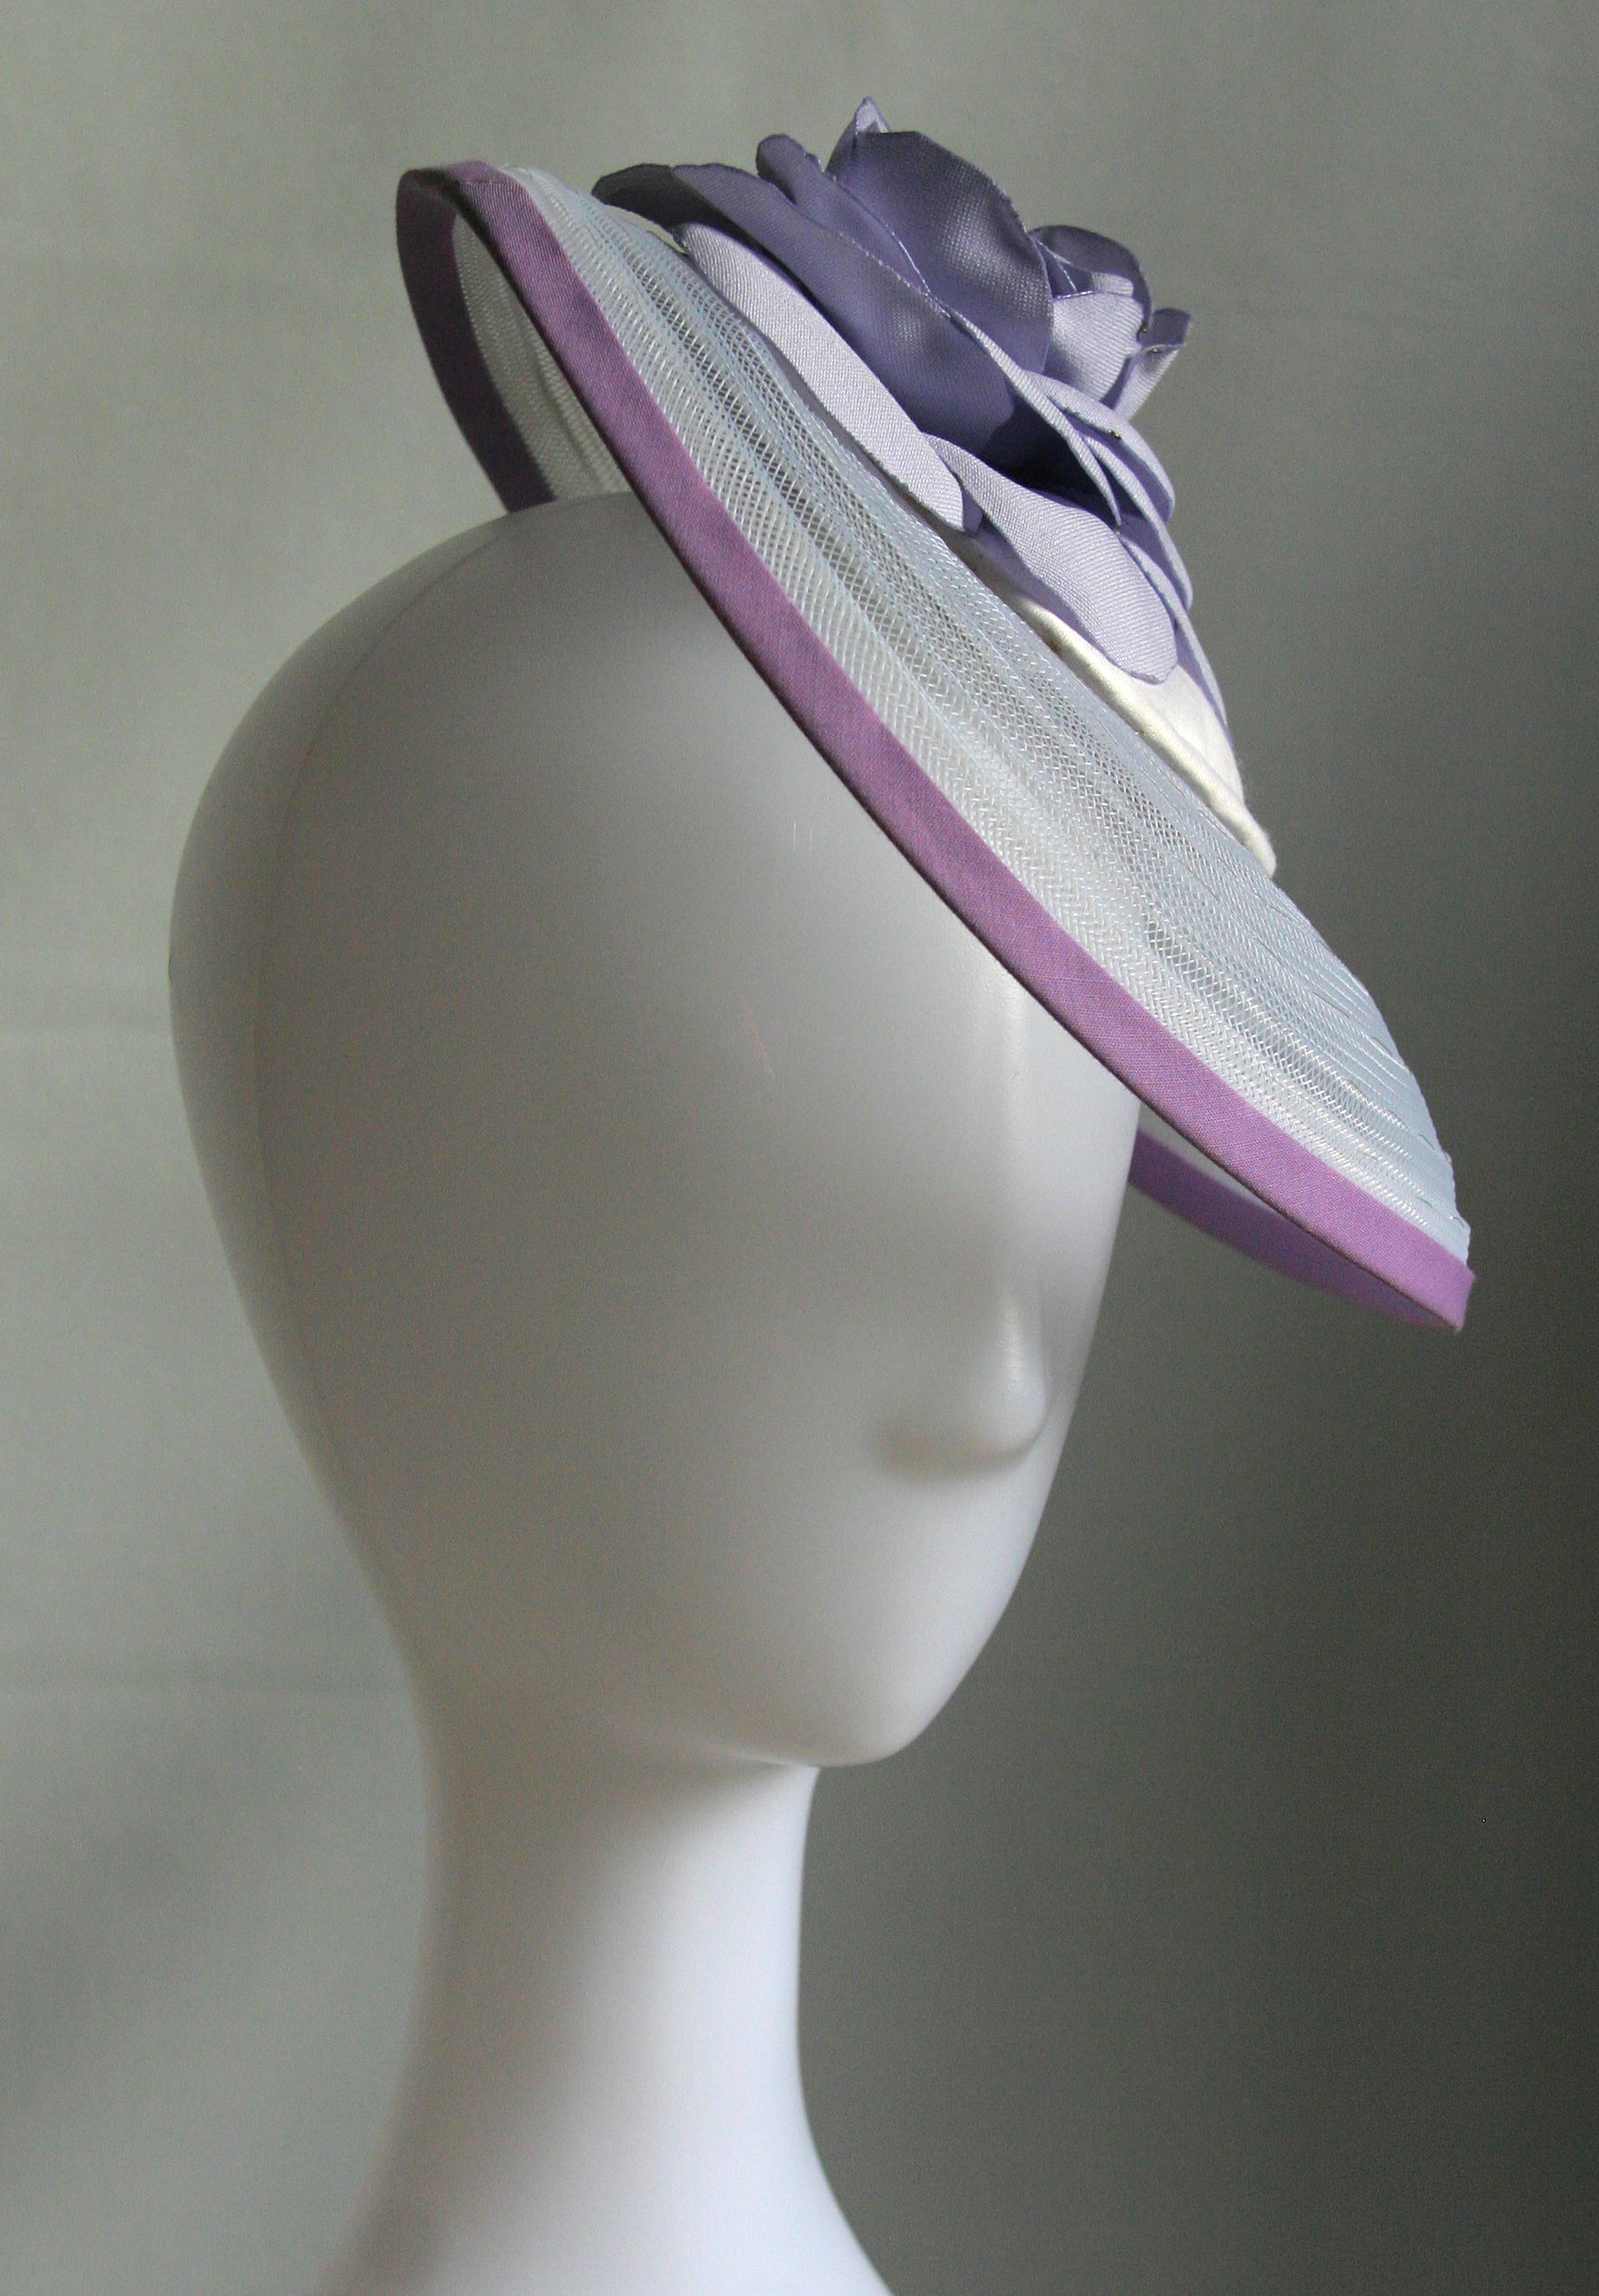 Lila fehér lószőr kalap, lehajtott karimával